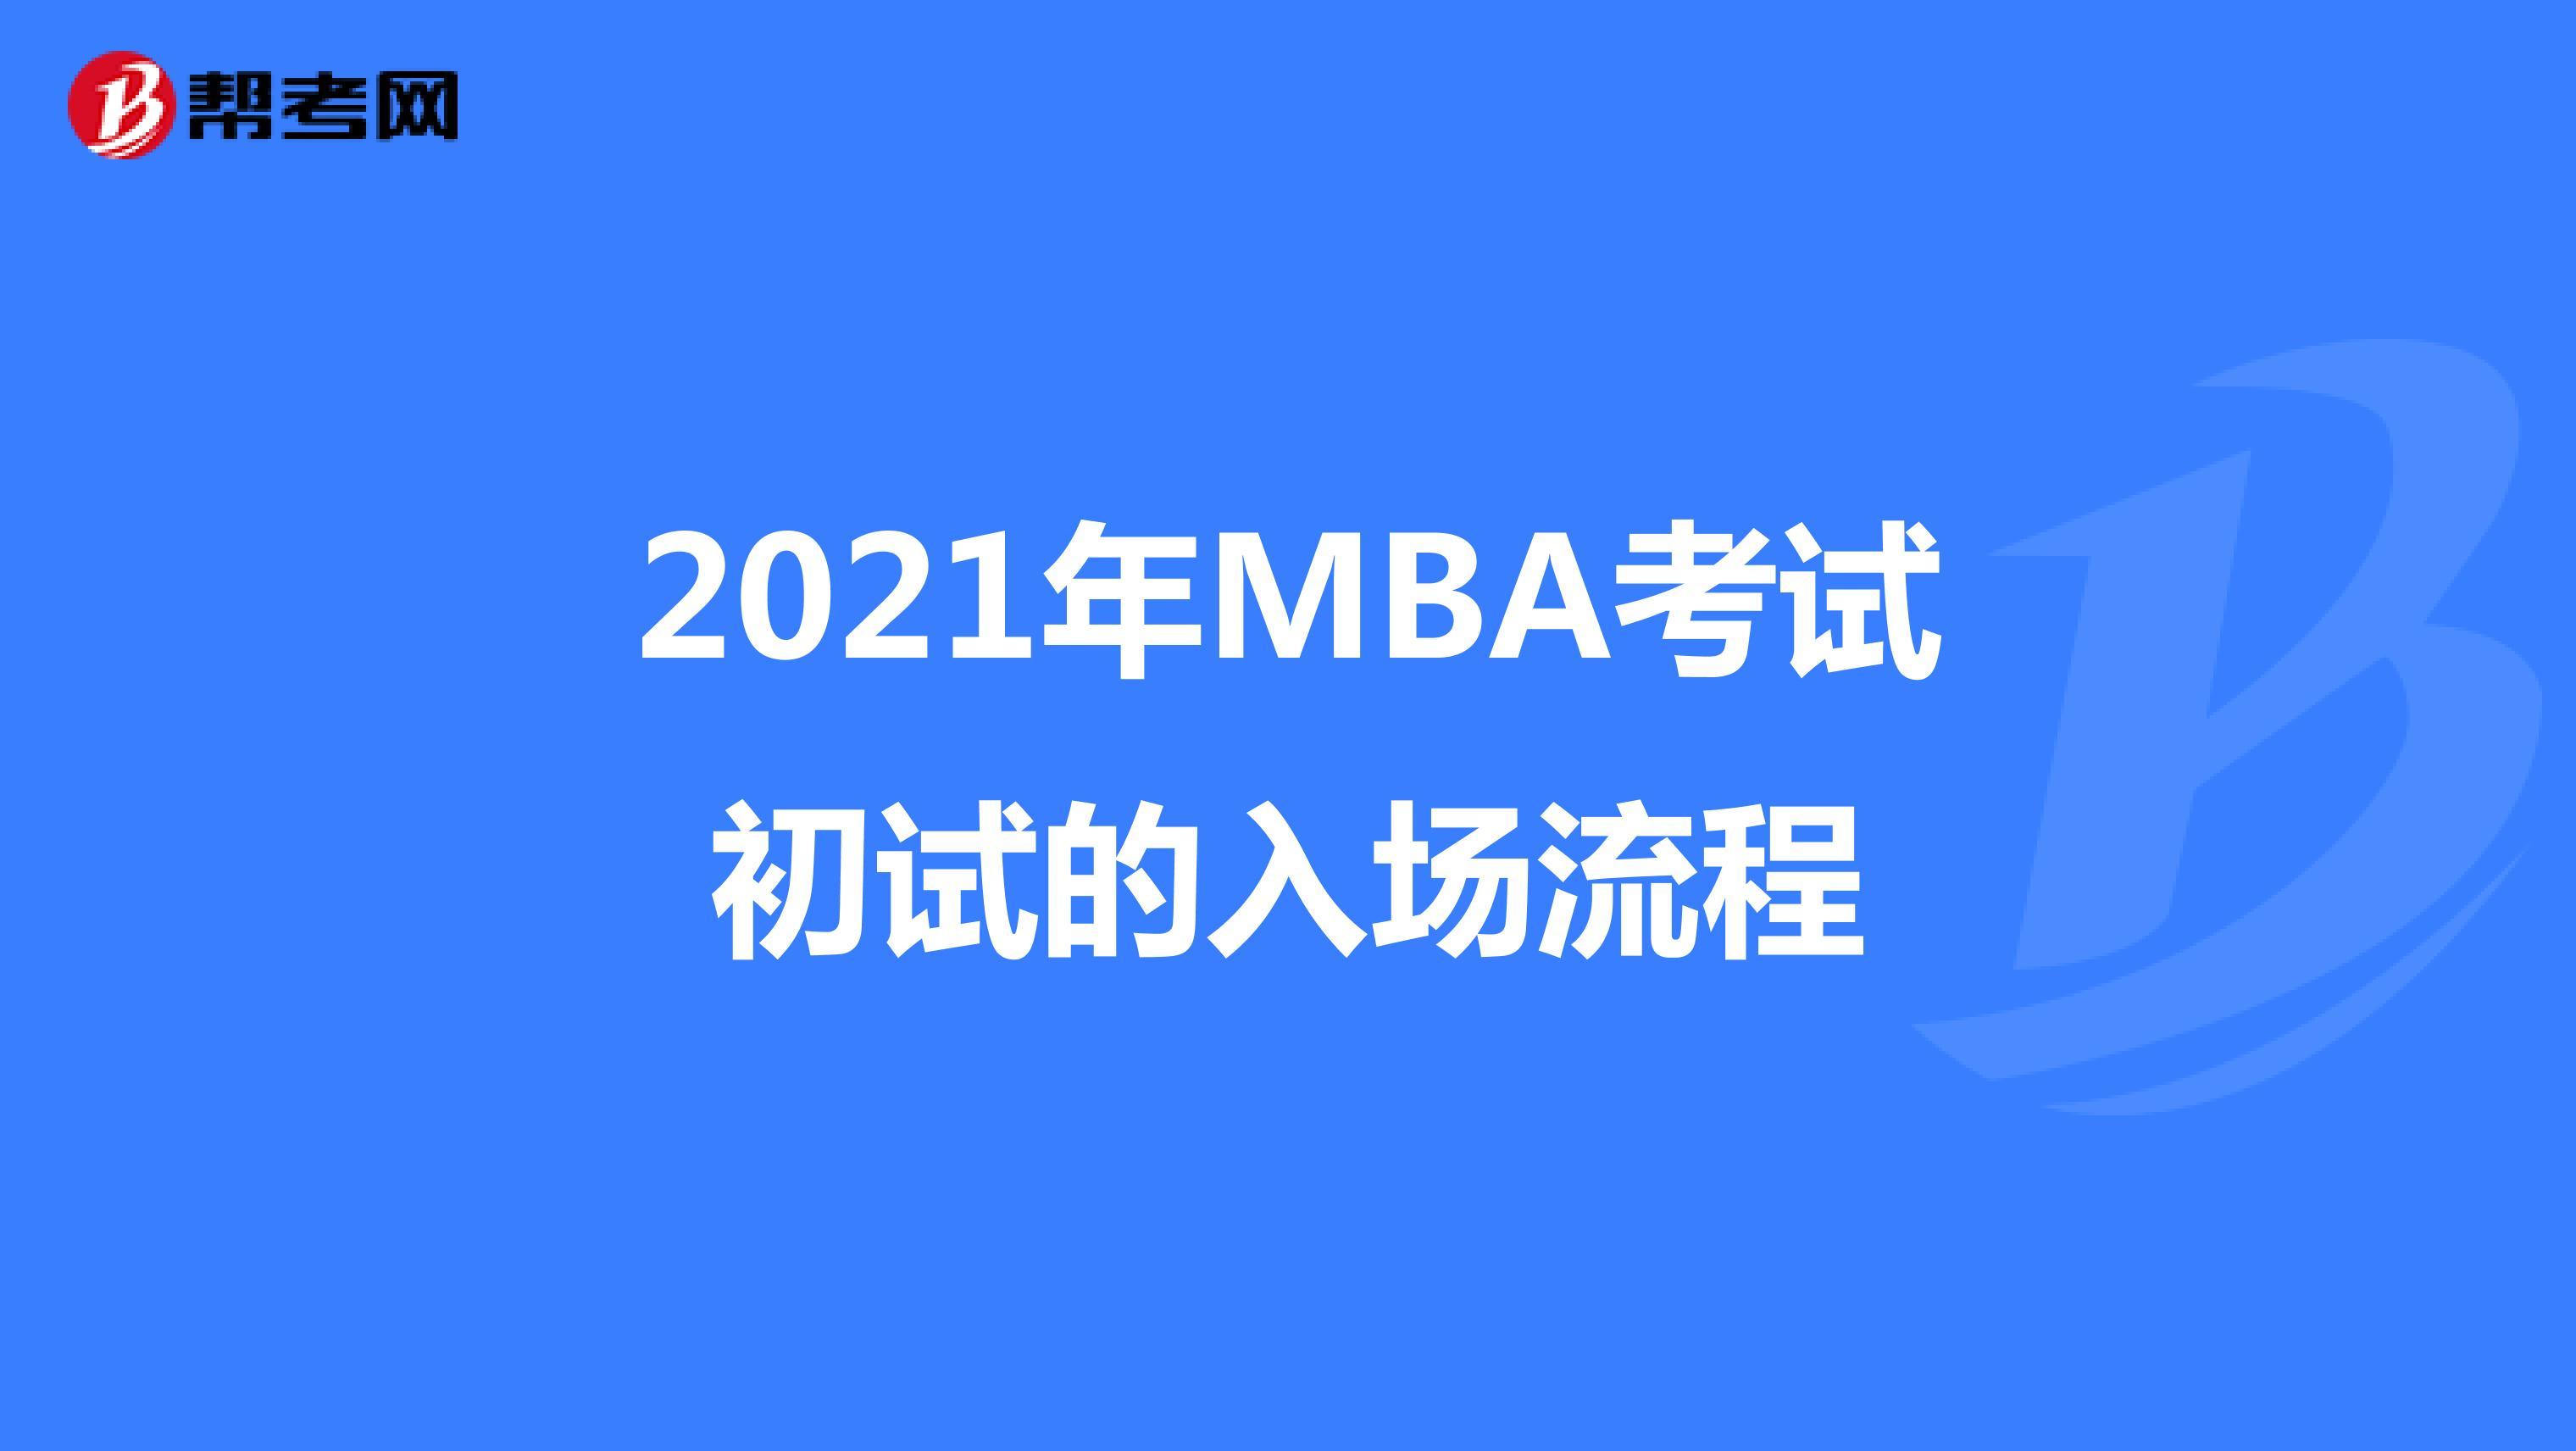 2021年MBA考试初试的入场流程